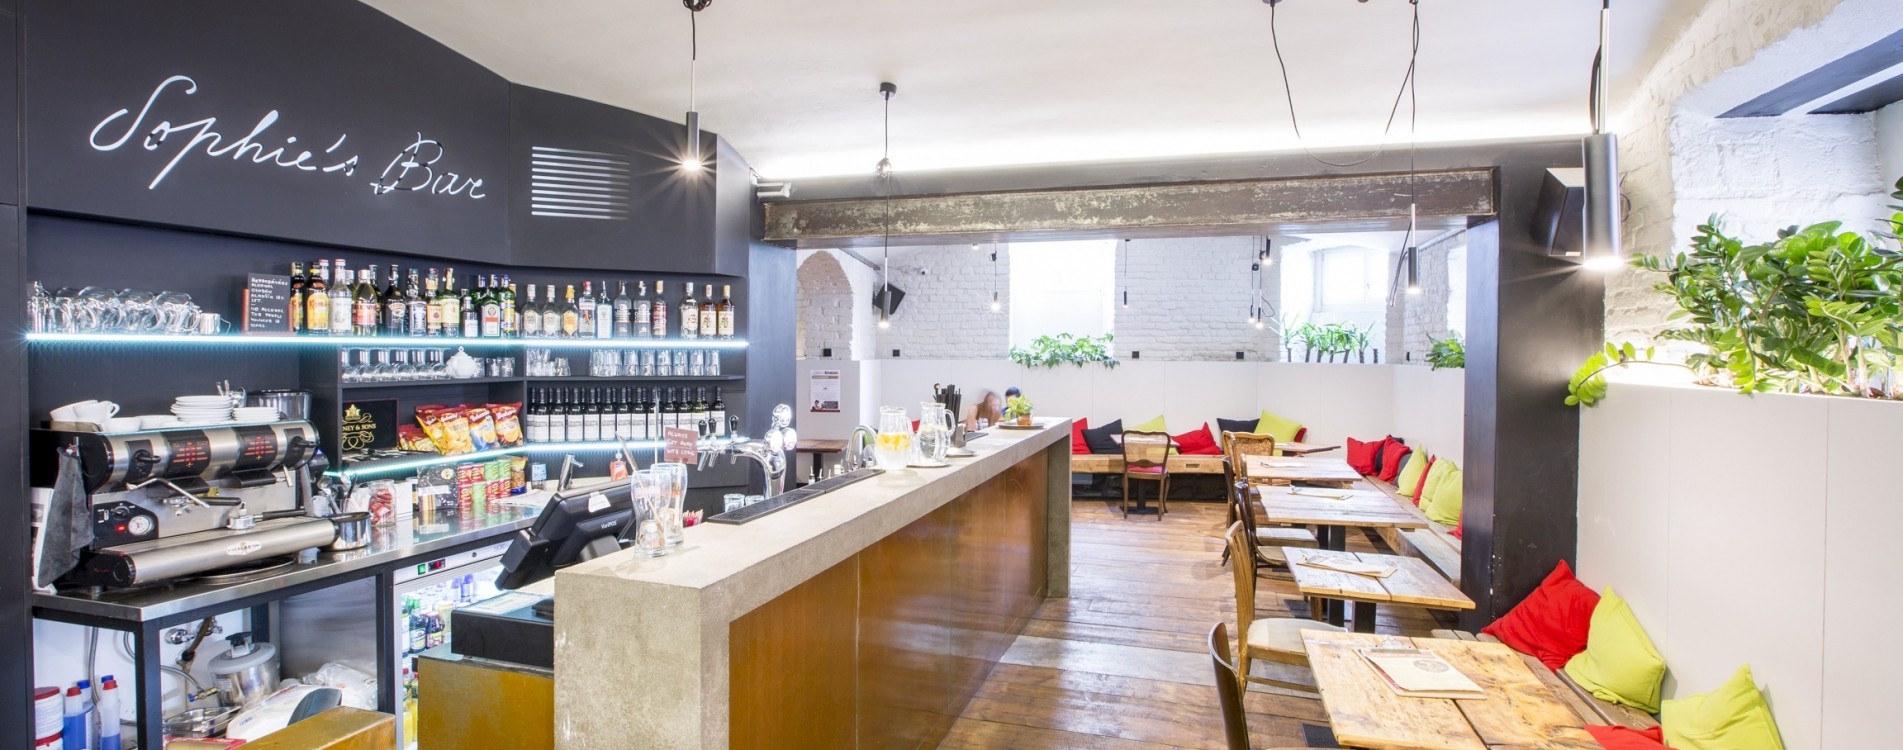 Sophie_s hostel bar